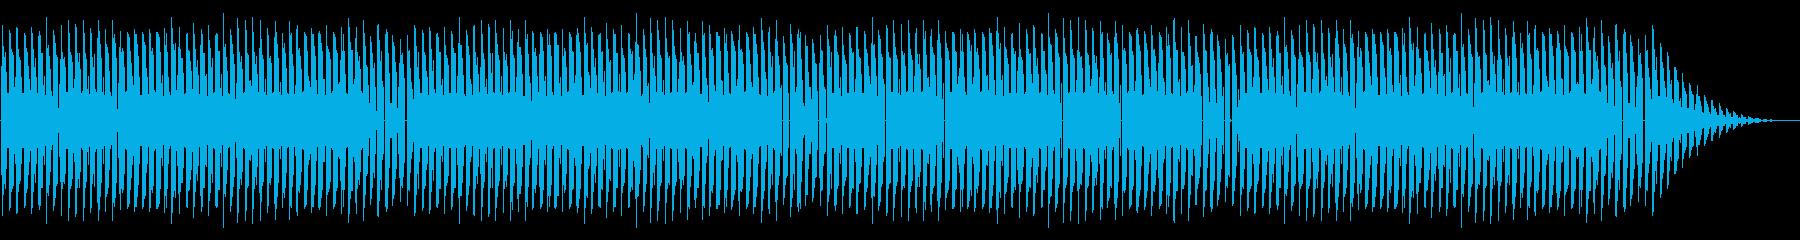 NES 和風 A05-1(ボス) の再生済みの波形